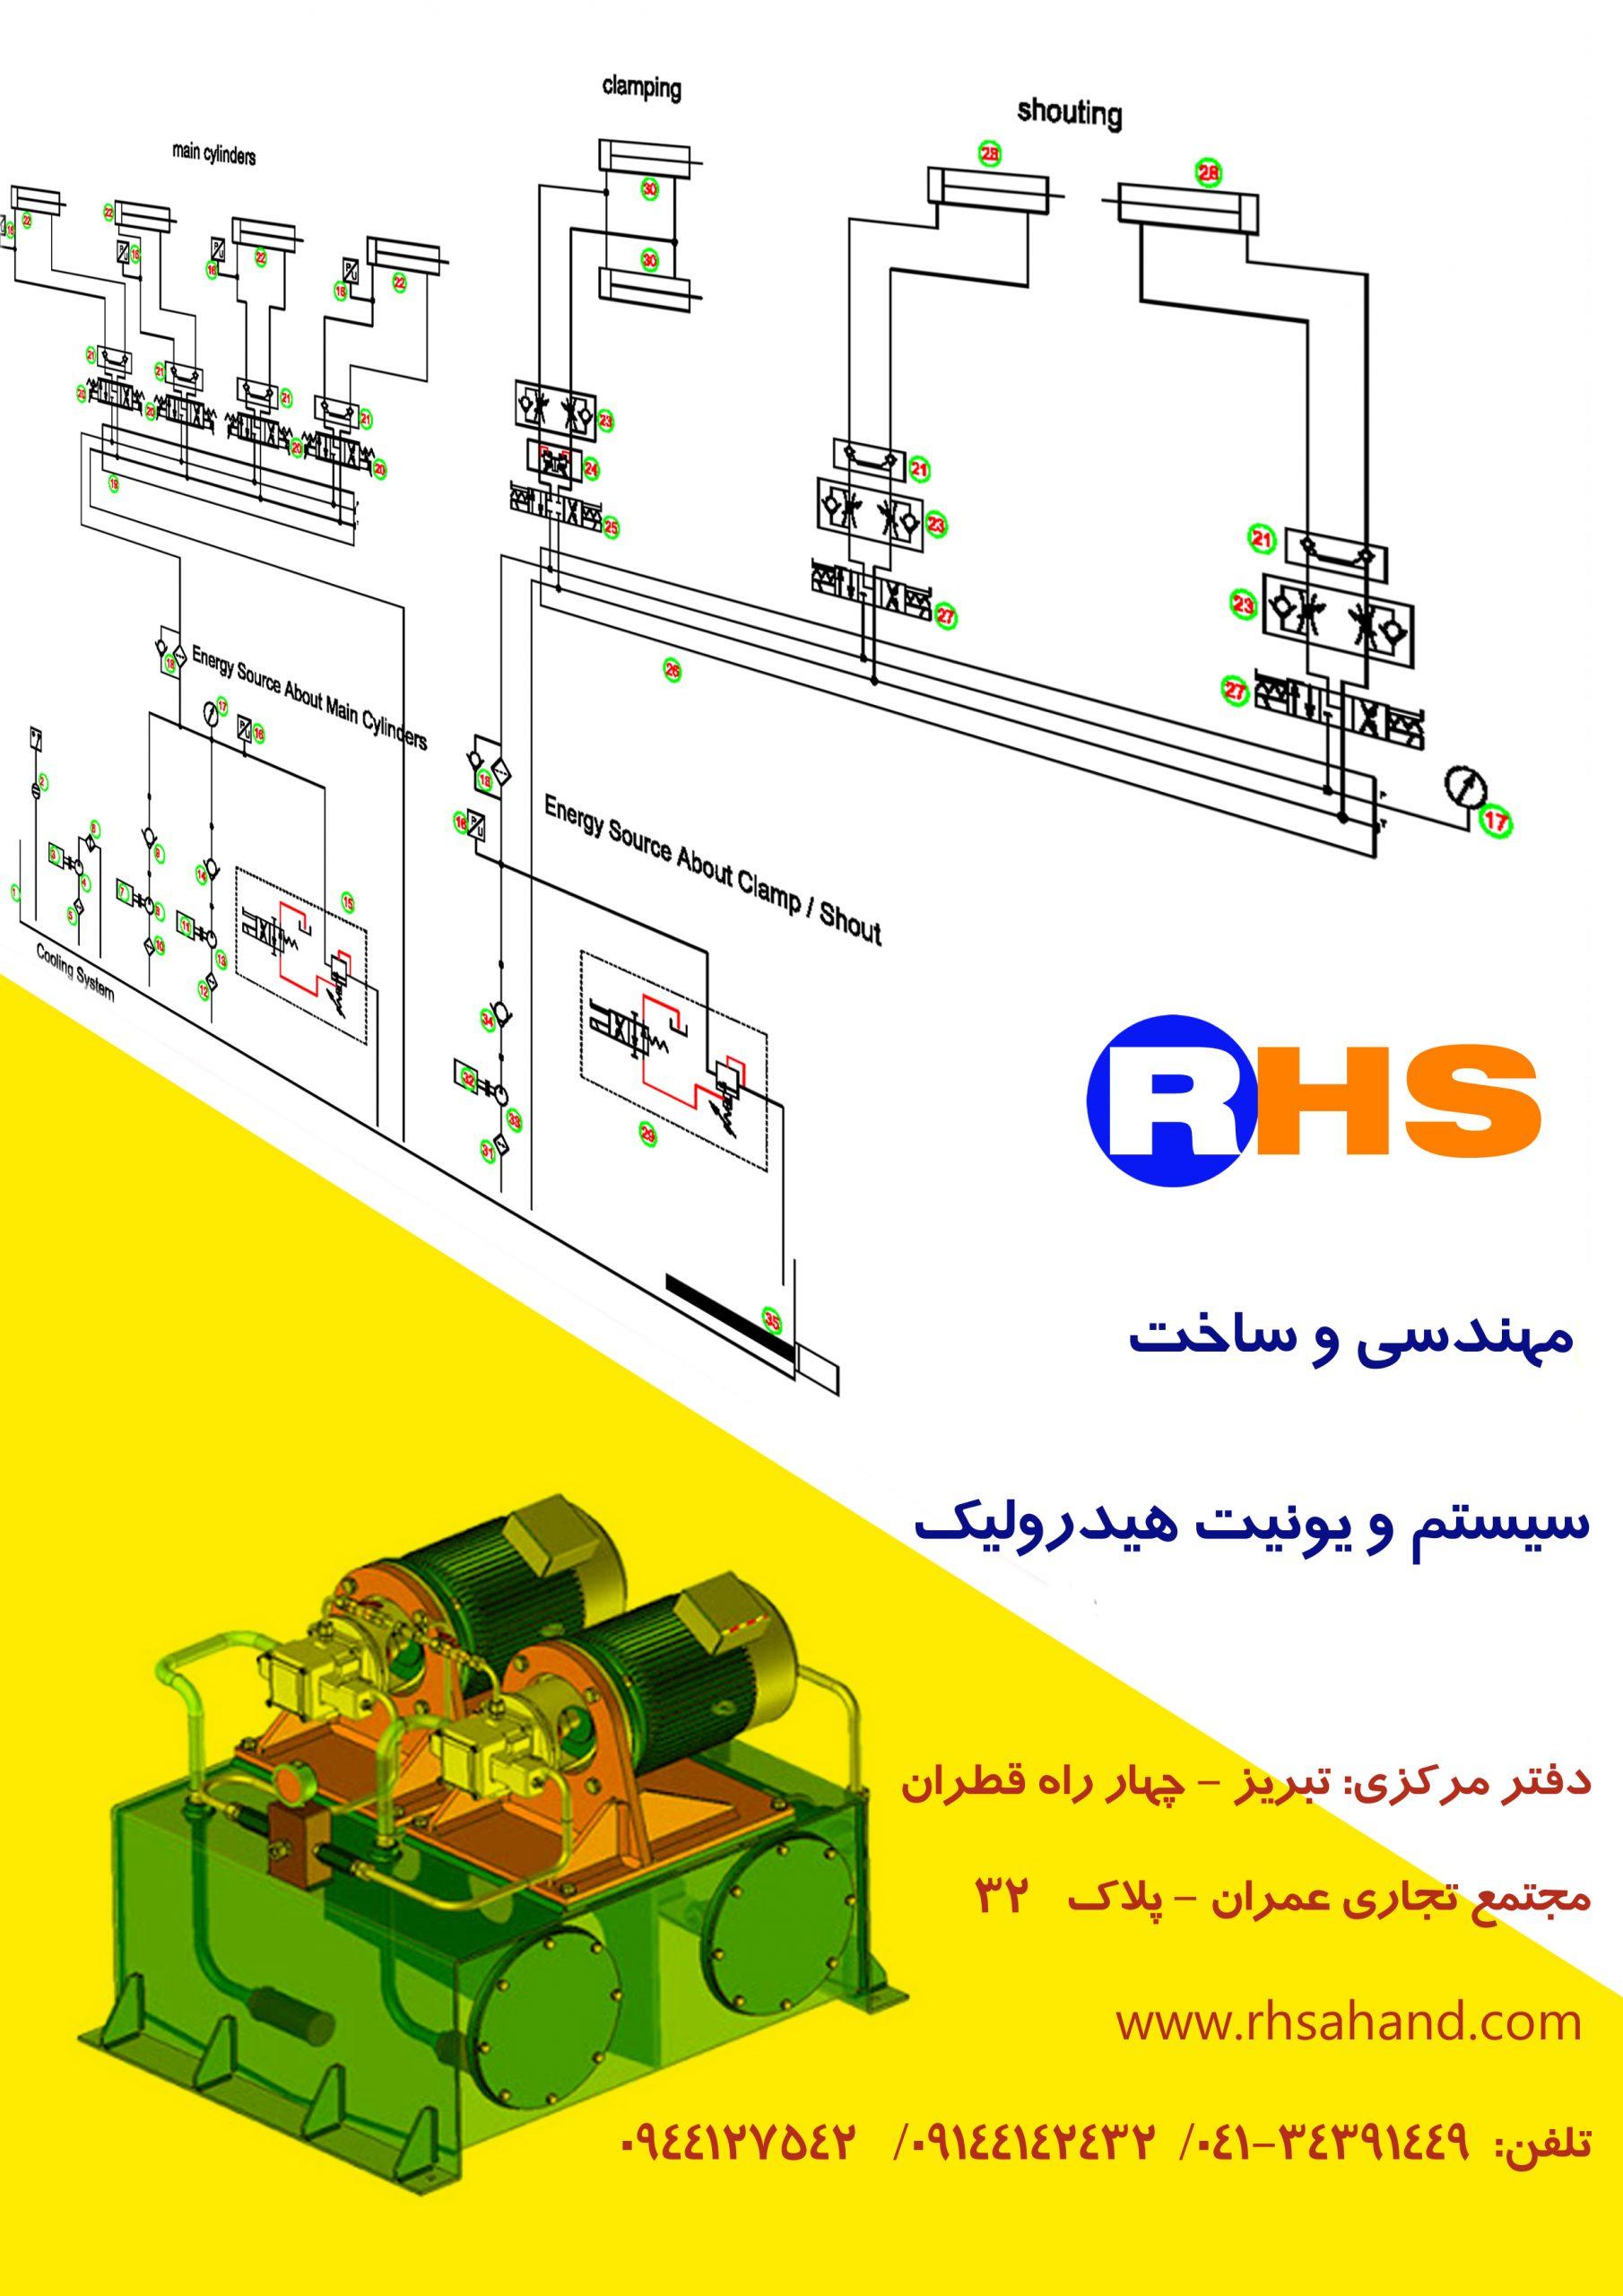 پاوریونیت هیدرولیک- RHS COMPANY